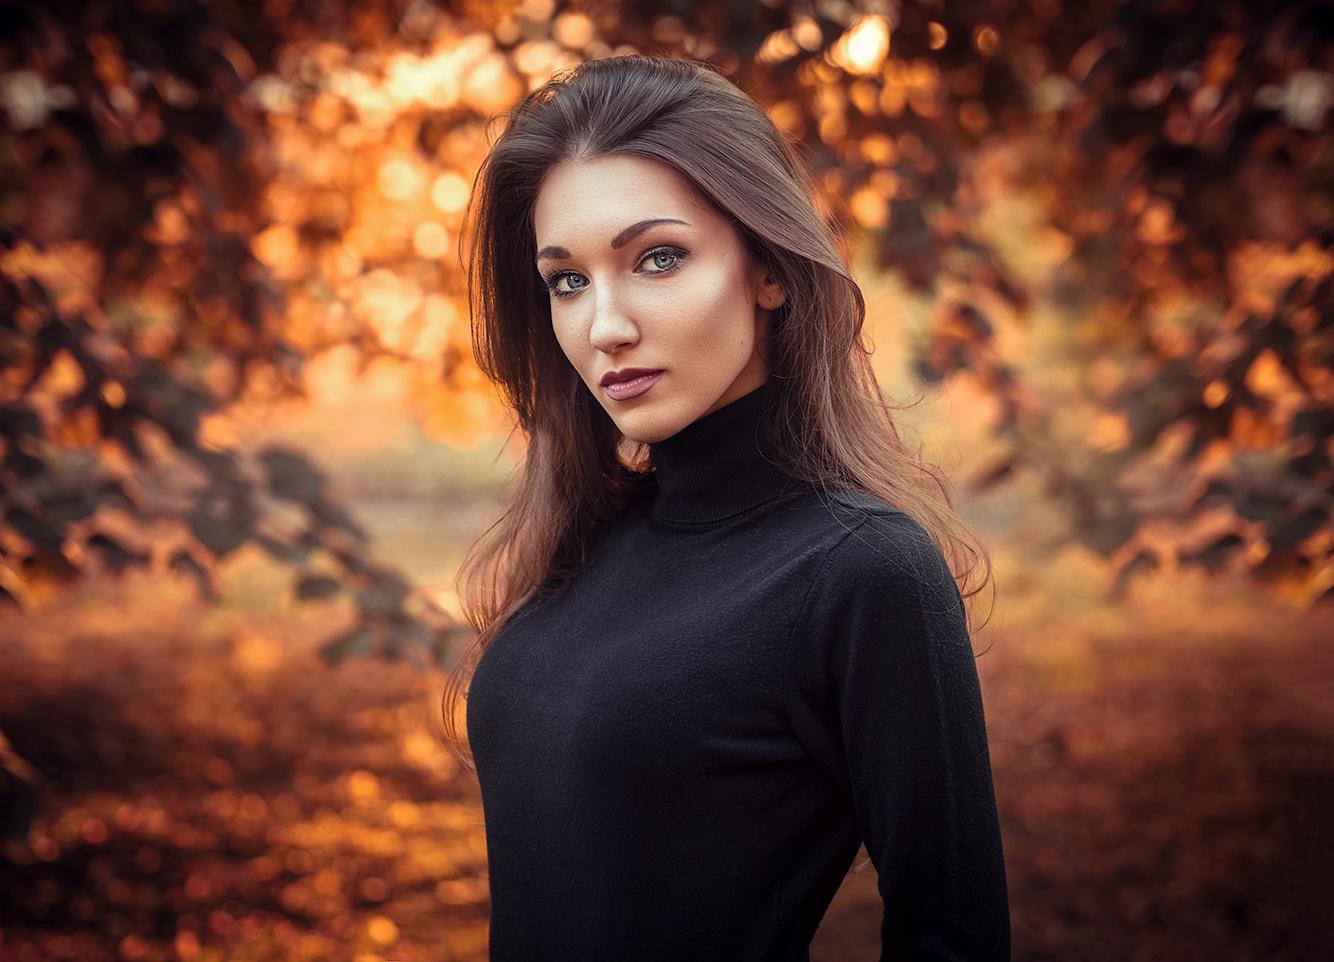 Autumn is here by Radek Skrzypczak